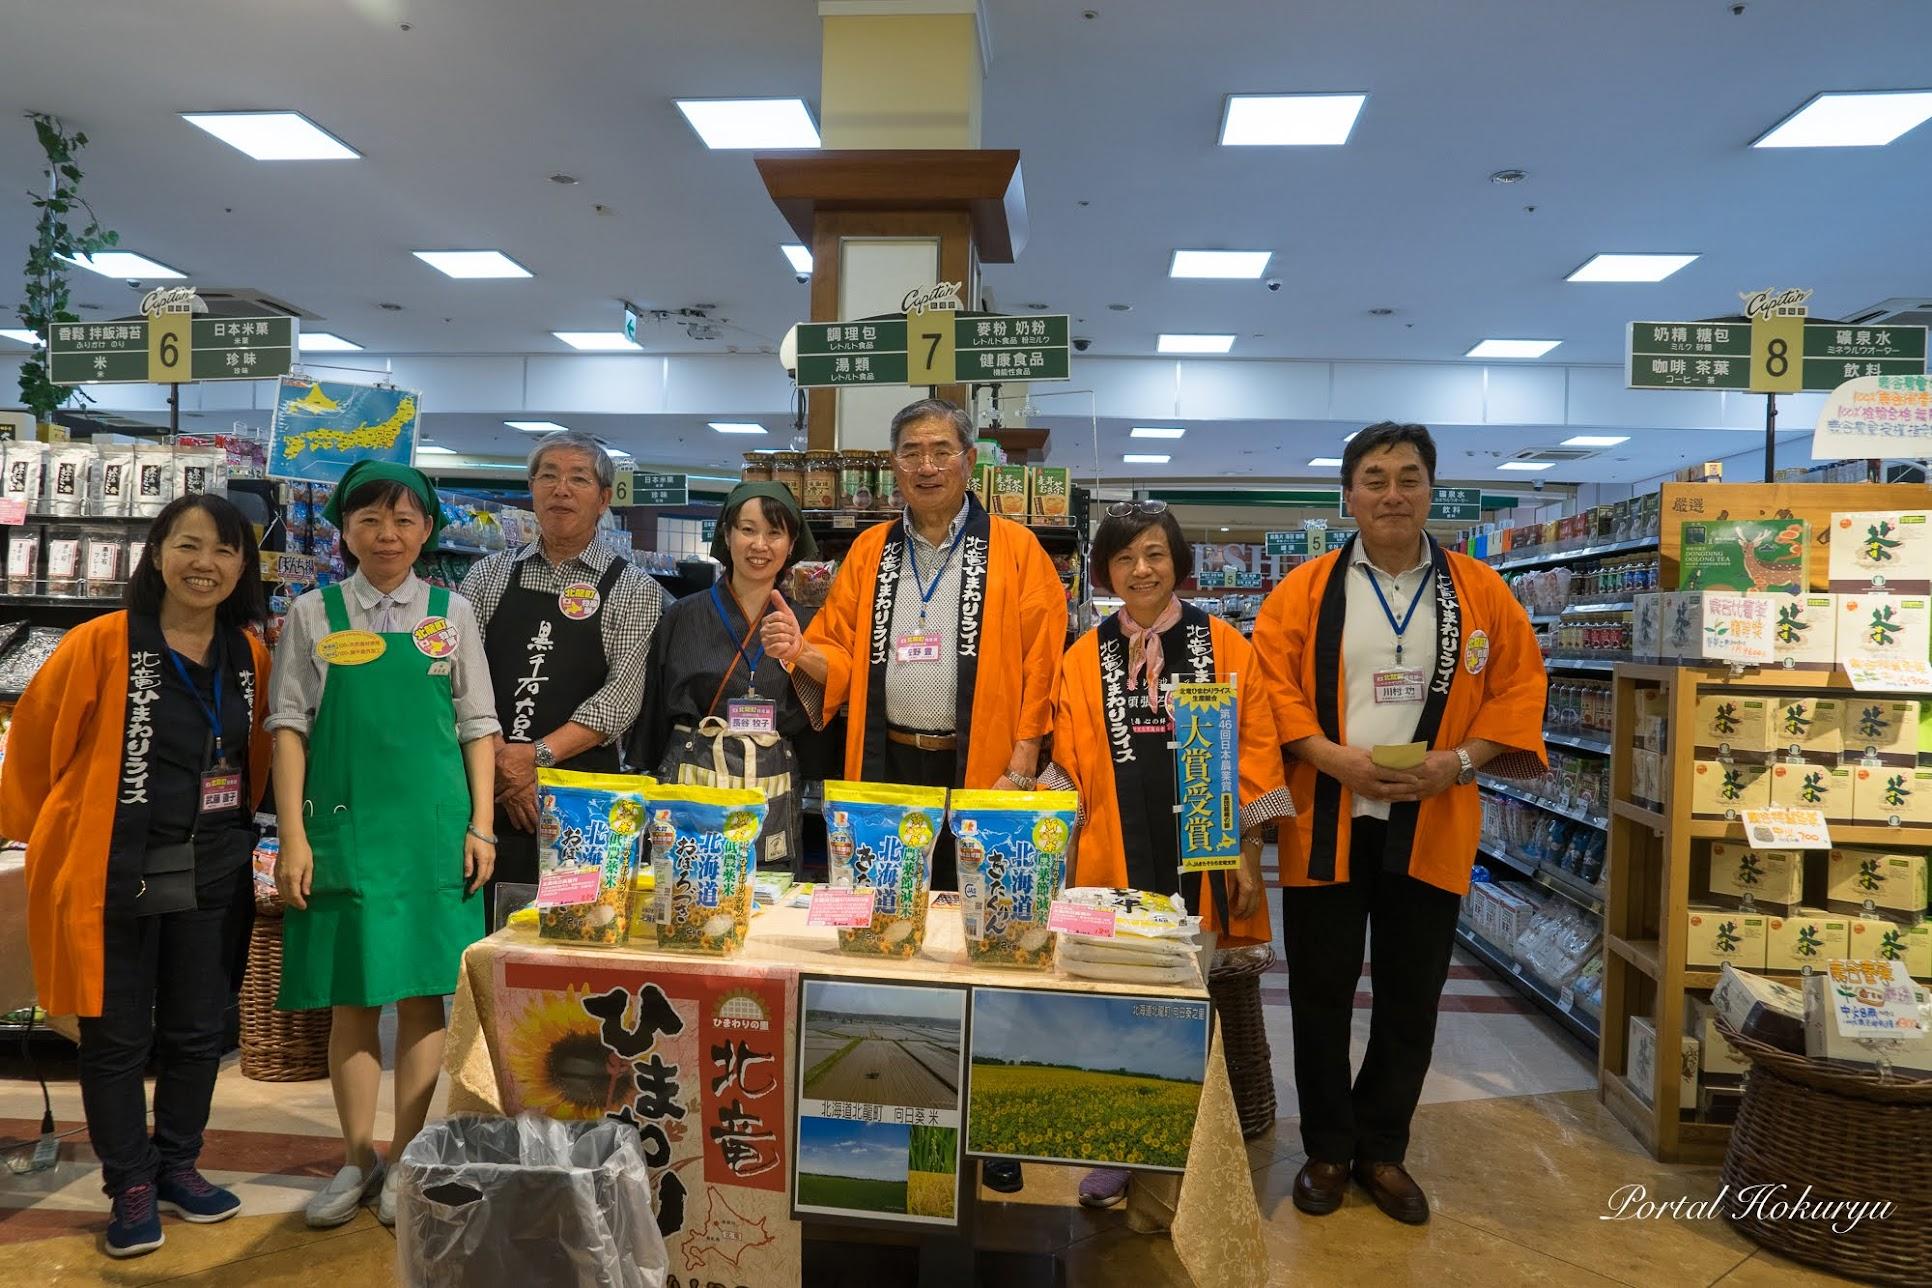 台湾台中市の食品スーパーマーケット裕毛屋(ゆうもうや)にて「北竜町物産展」